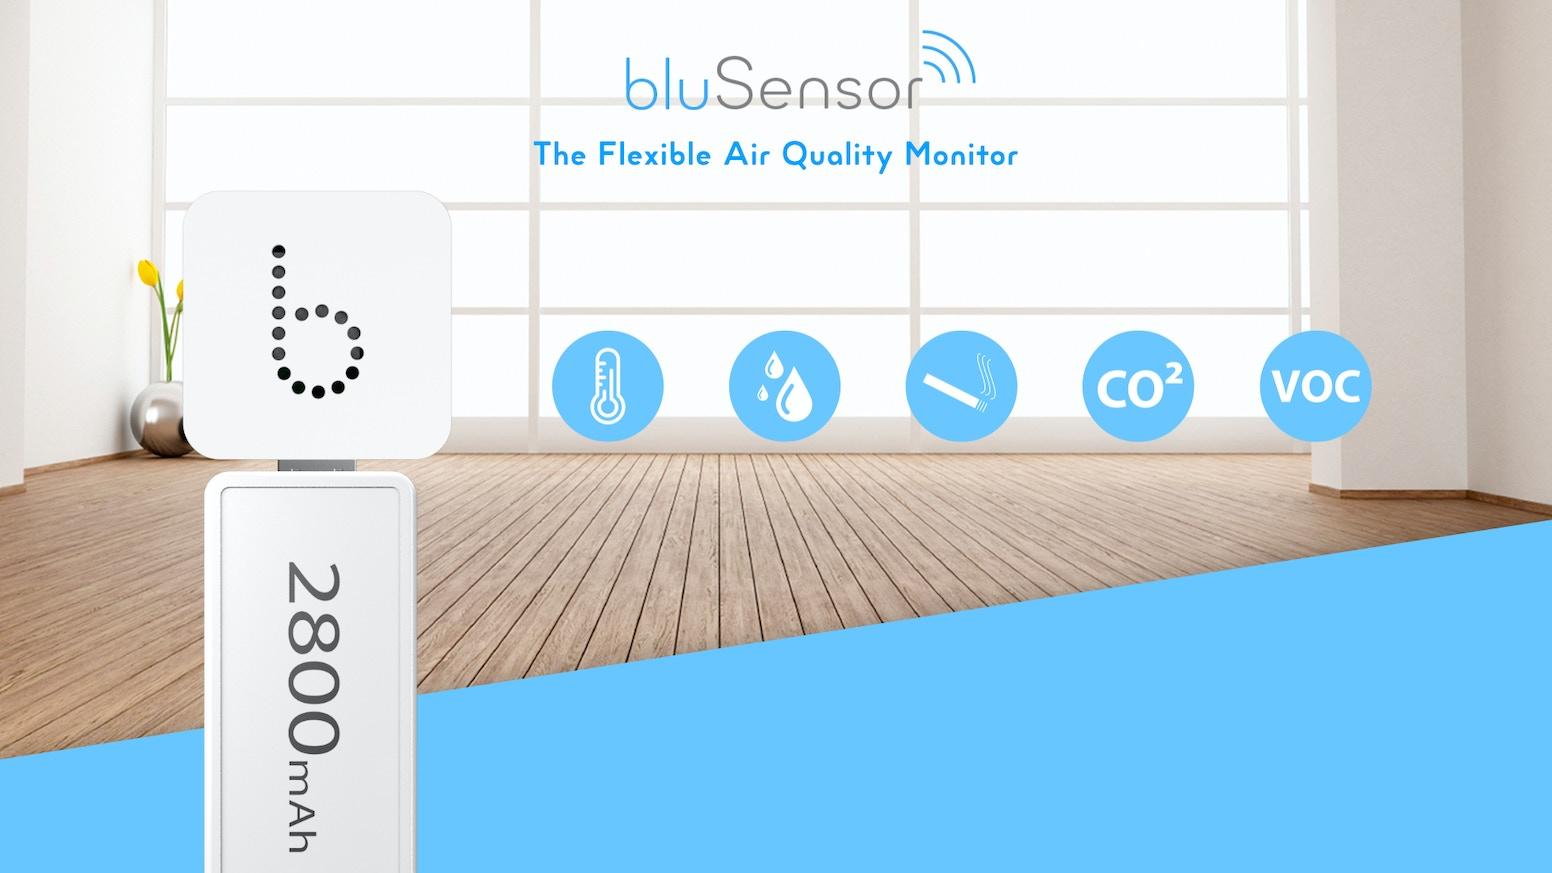 bluSensor® AIQ - The Flexible Air Quality Monitor